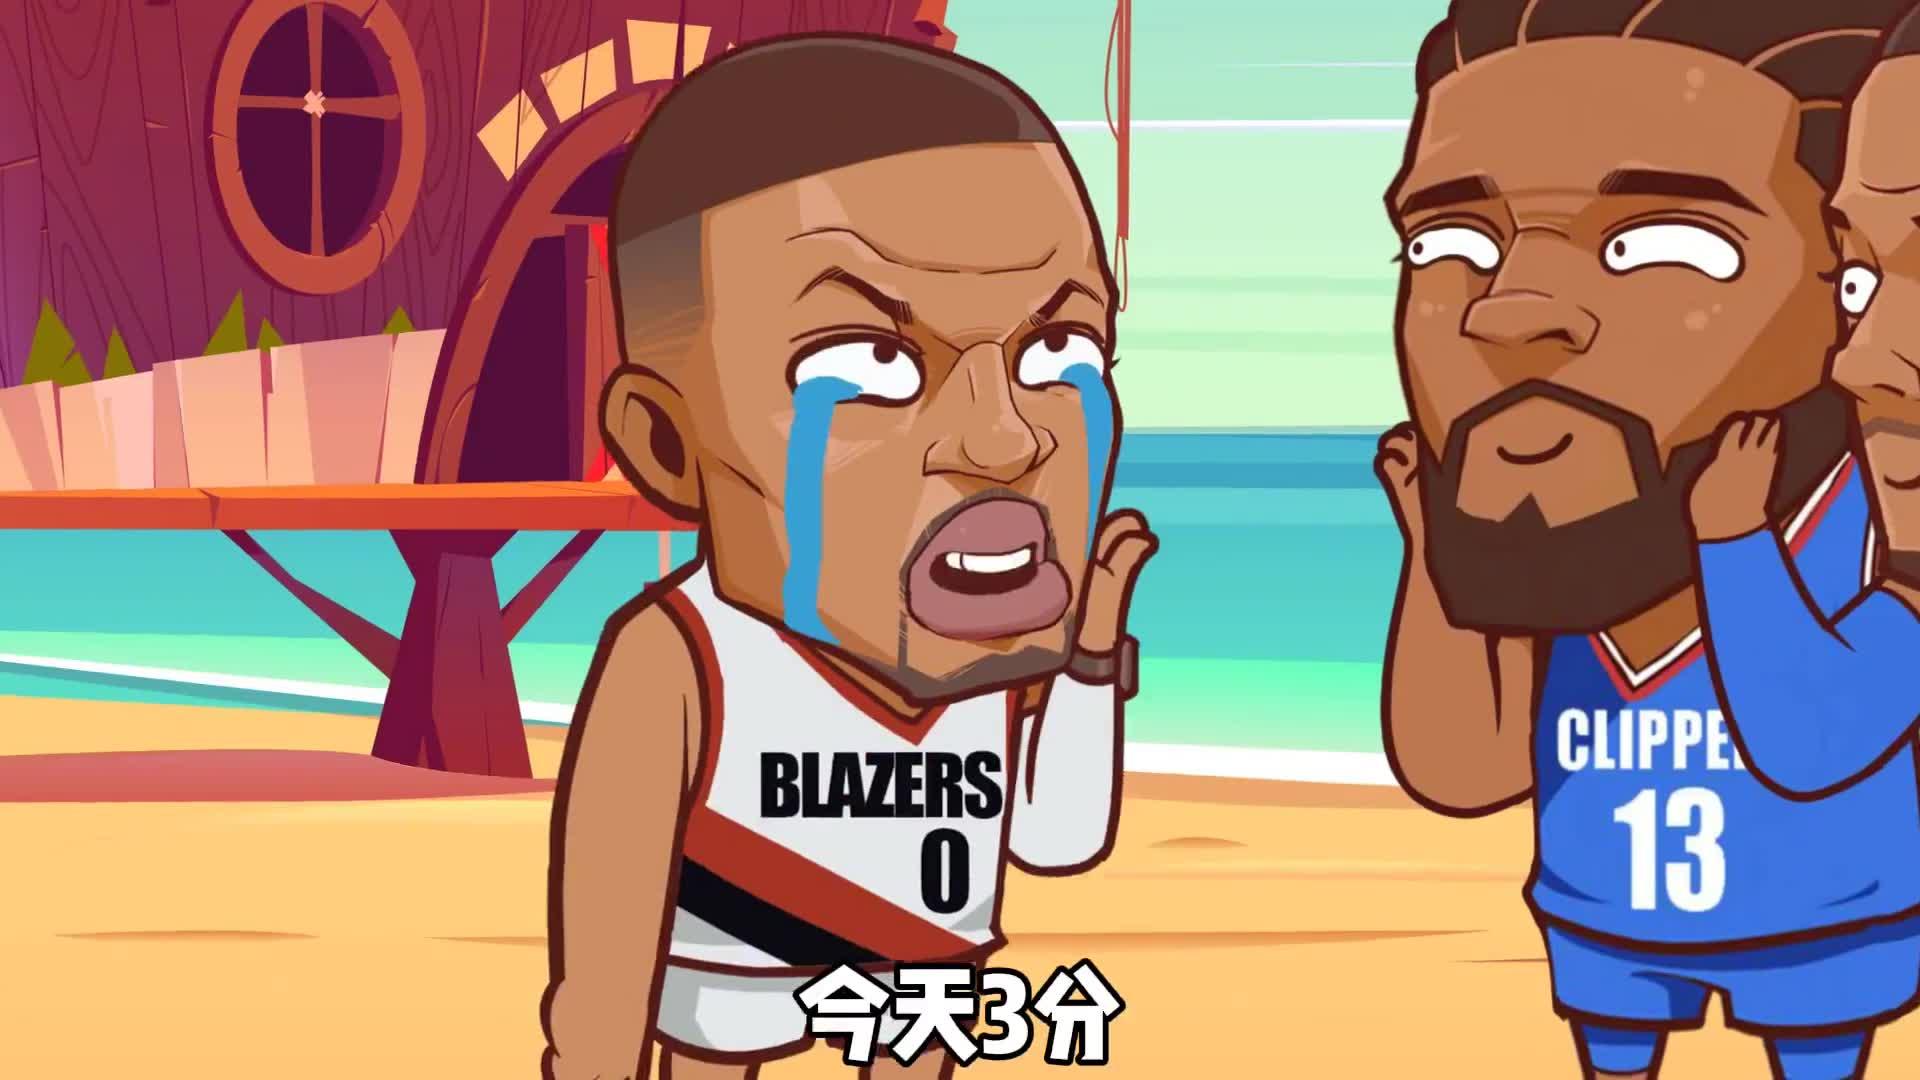 绘说篮球:利拉德:自从换了教练后表就没准过